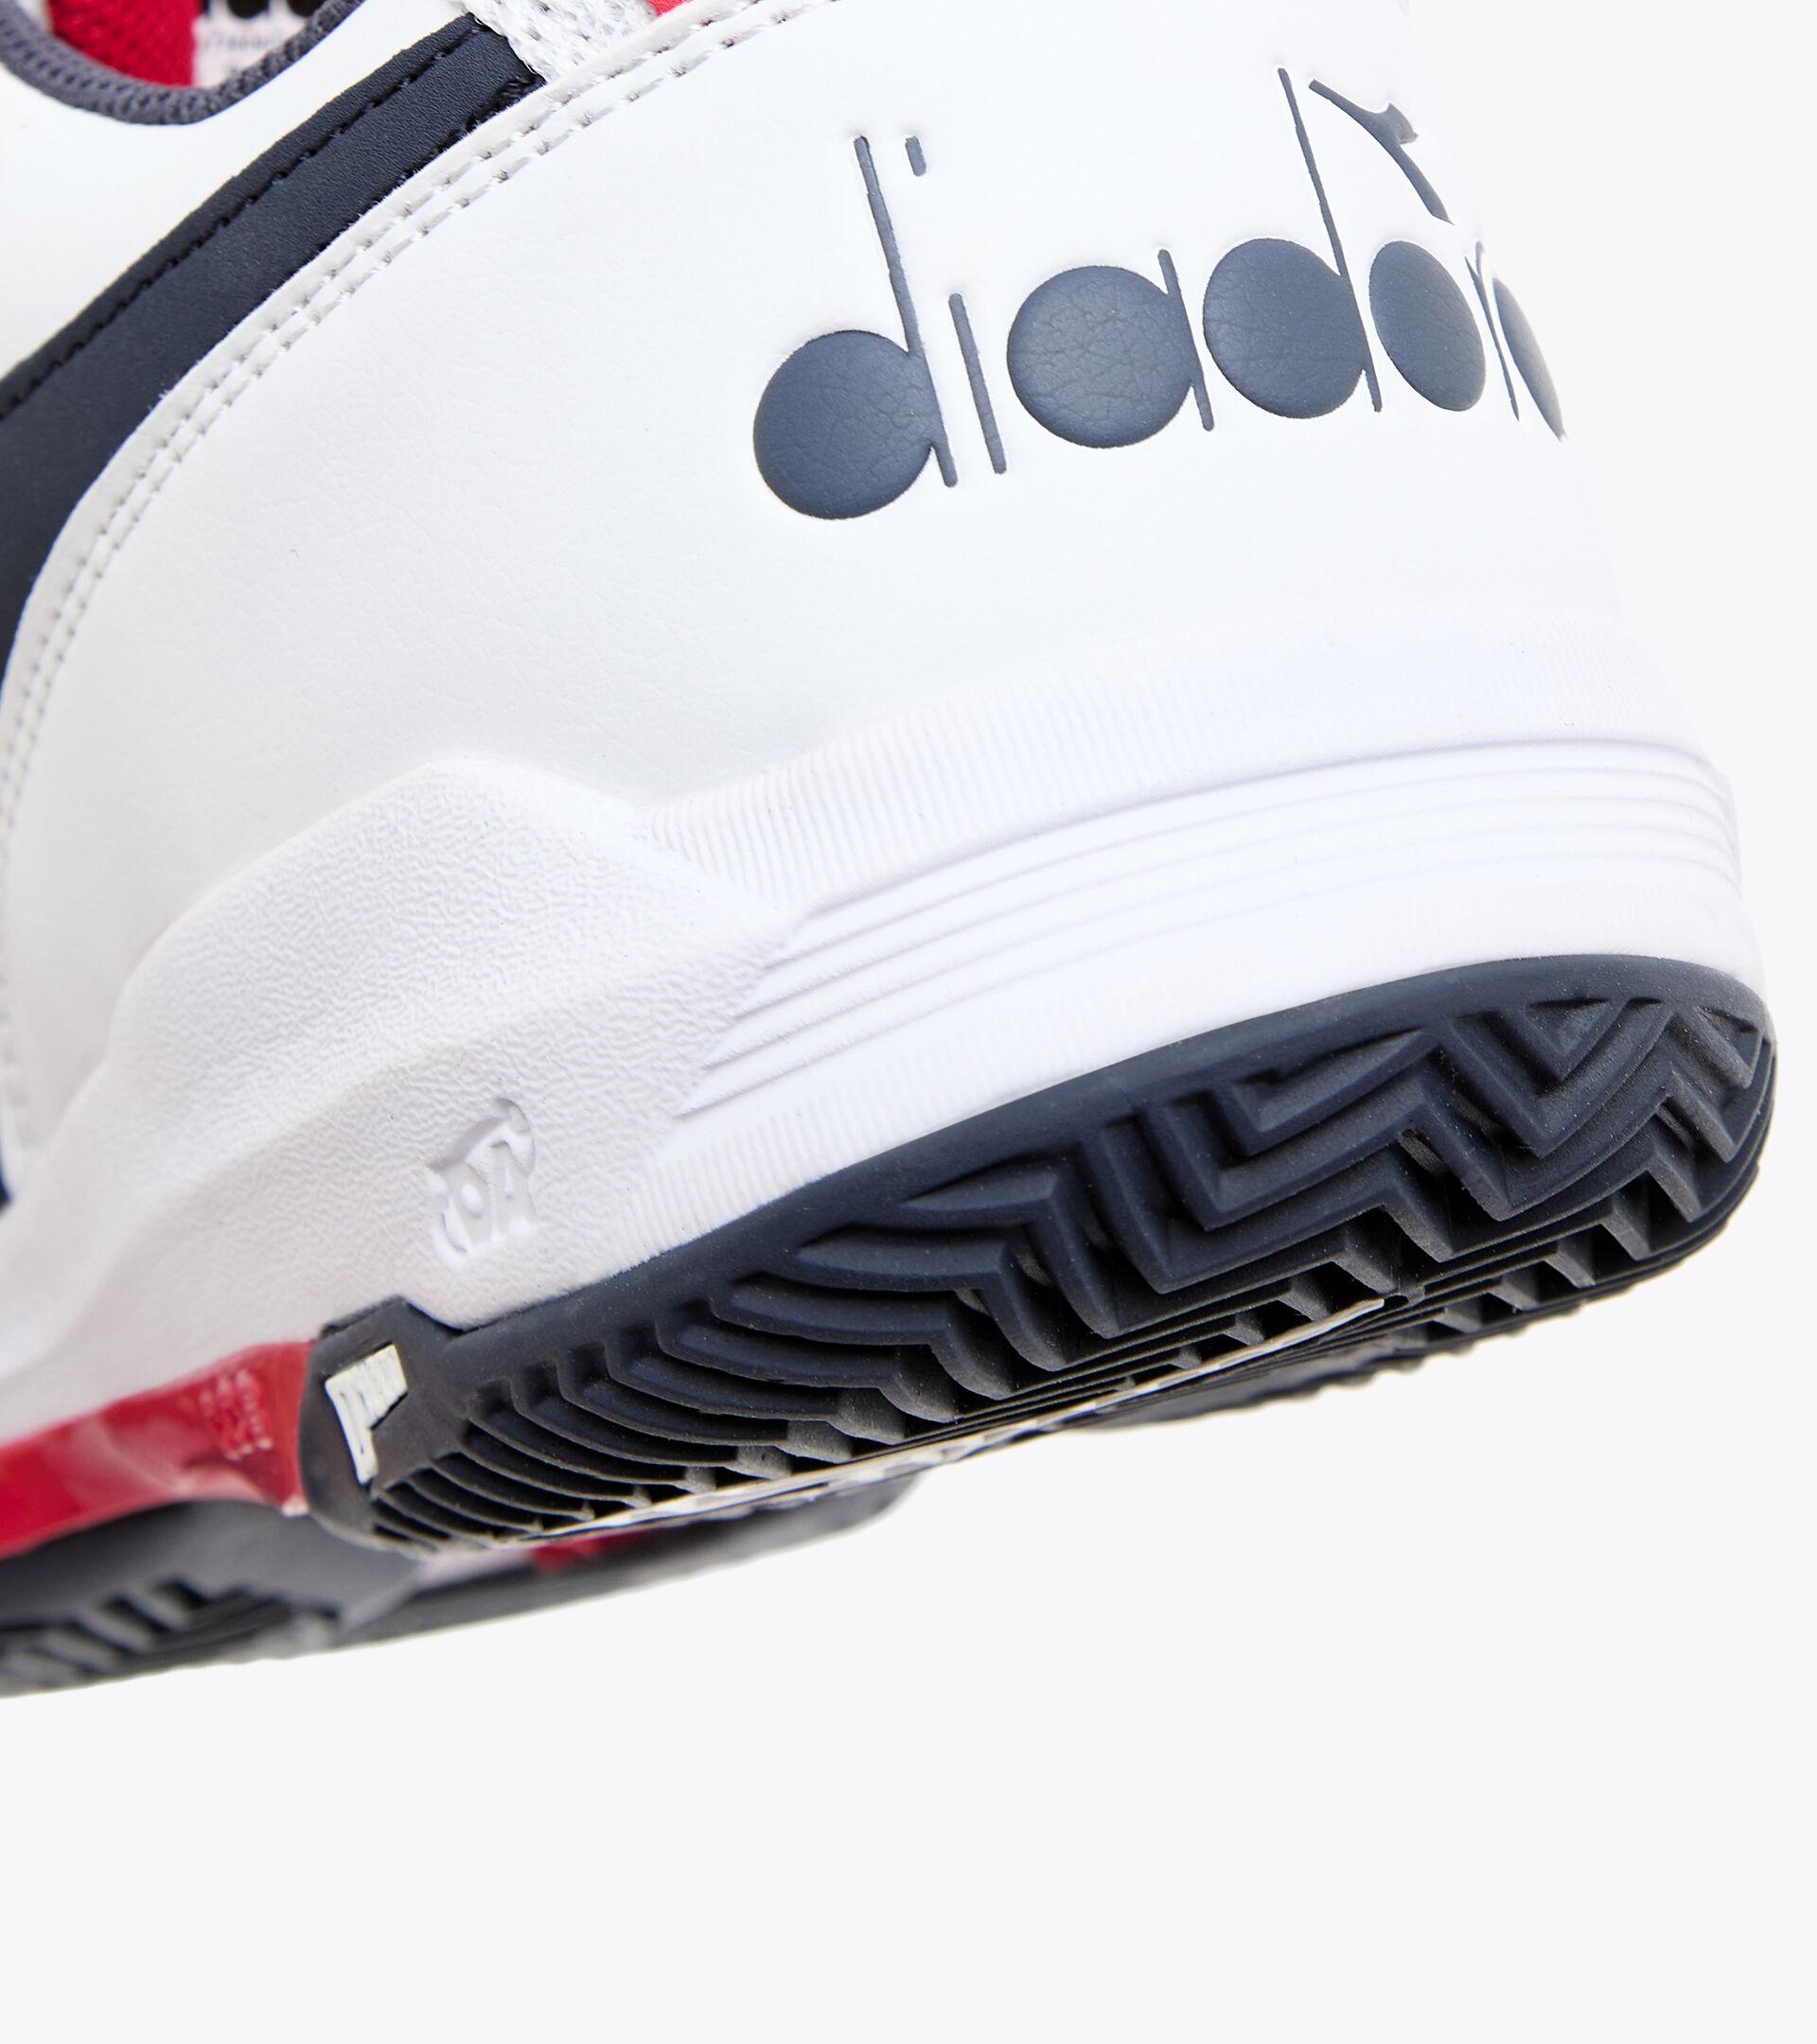 Chaussures de tennis pour terrains en terre battue - Homme S.CHALLENGE 3 SL CLAY BLANC/NOIR IRIS - Diadora